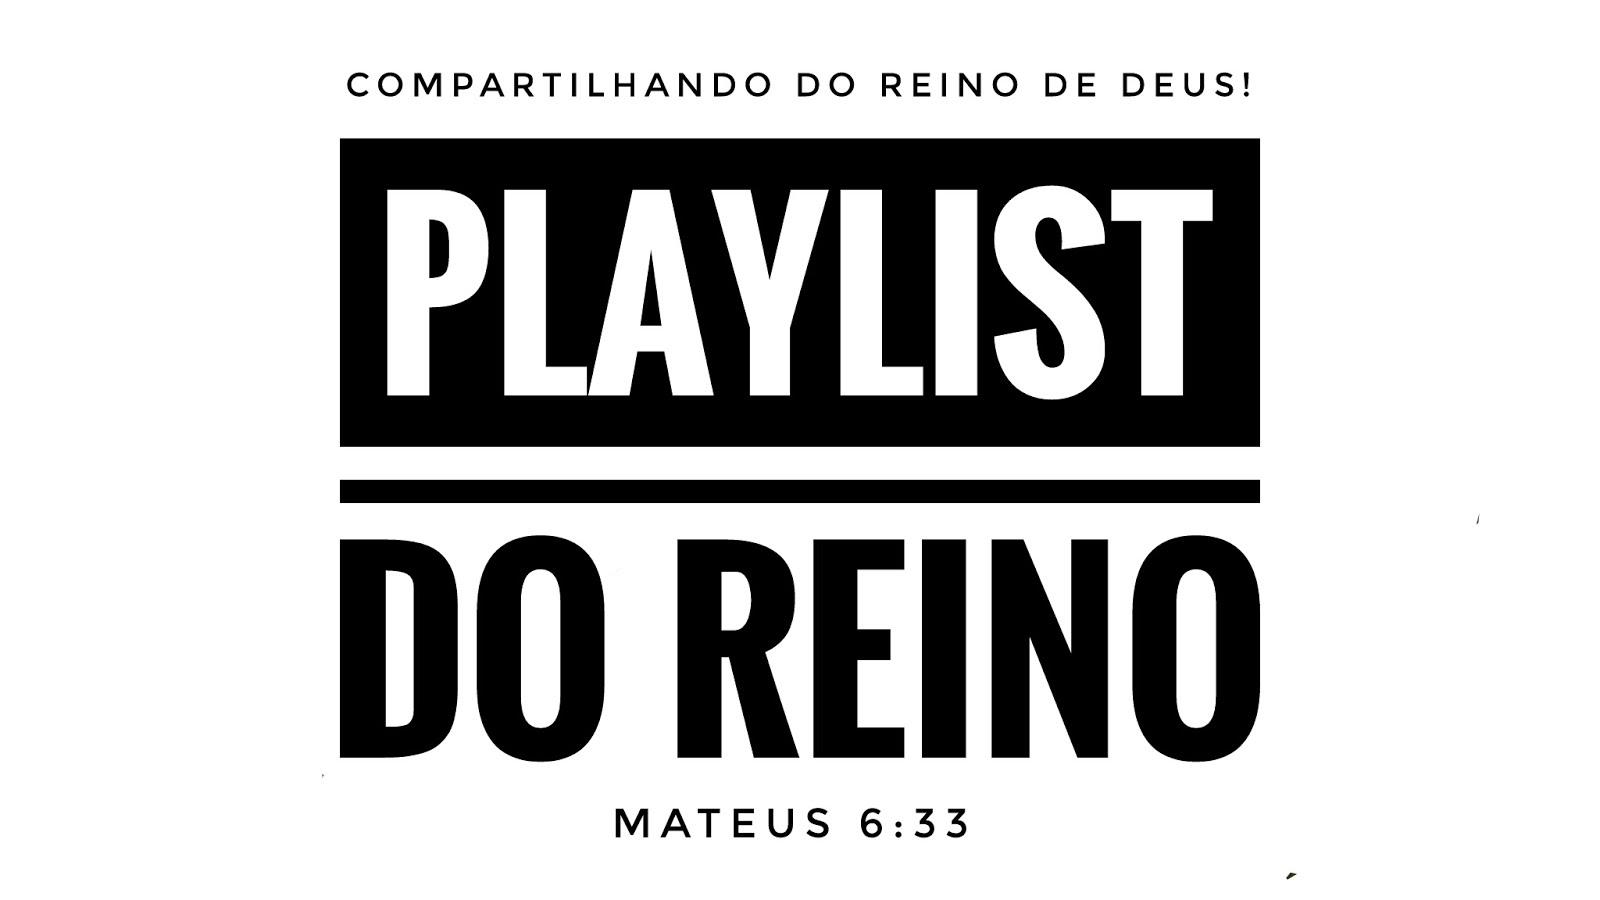 Conheça o PlayList do Reino